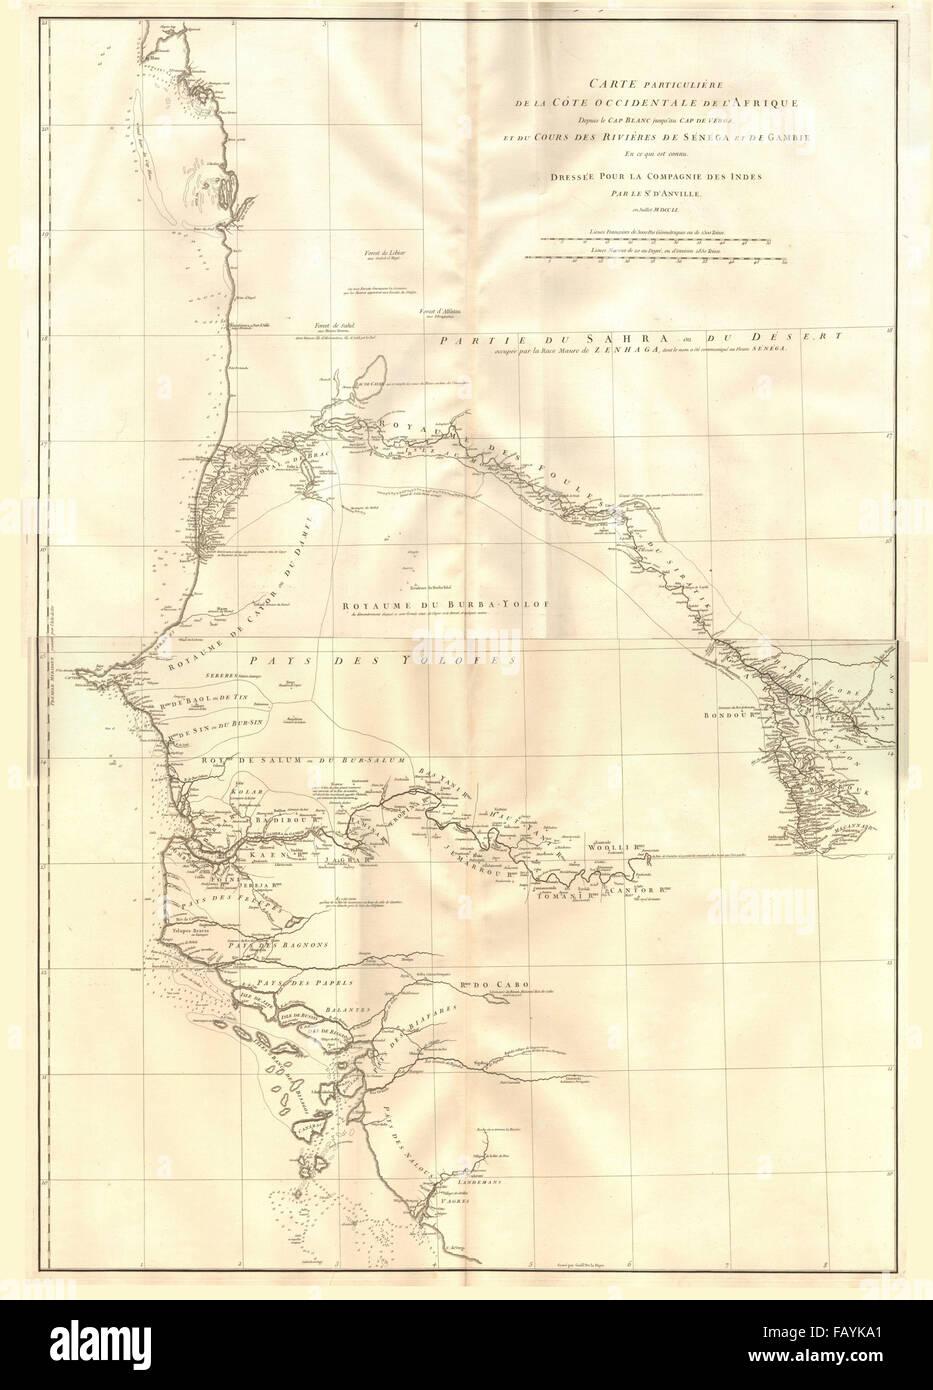 Côte occidentale de l'Afrique. W Africa.Senegal Gambia rivers.D'ANVILLE 1751 map - Stock Image